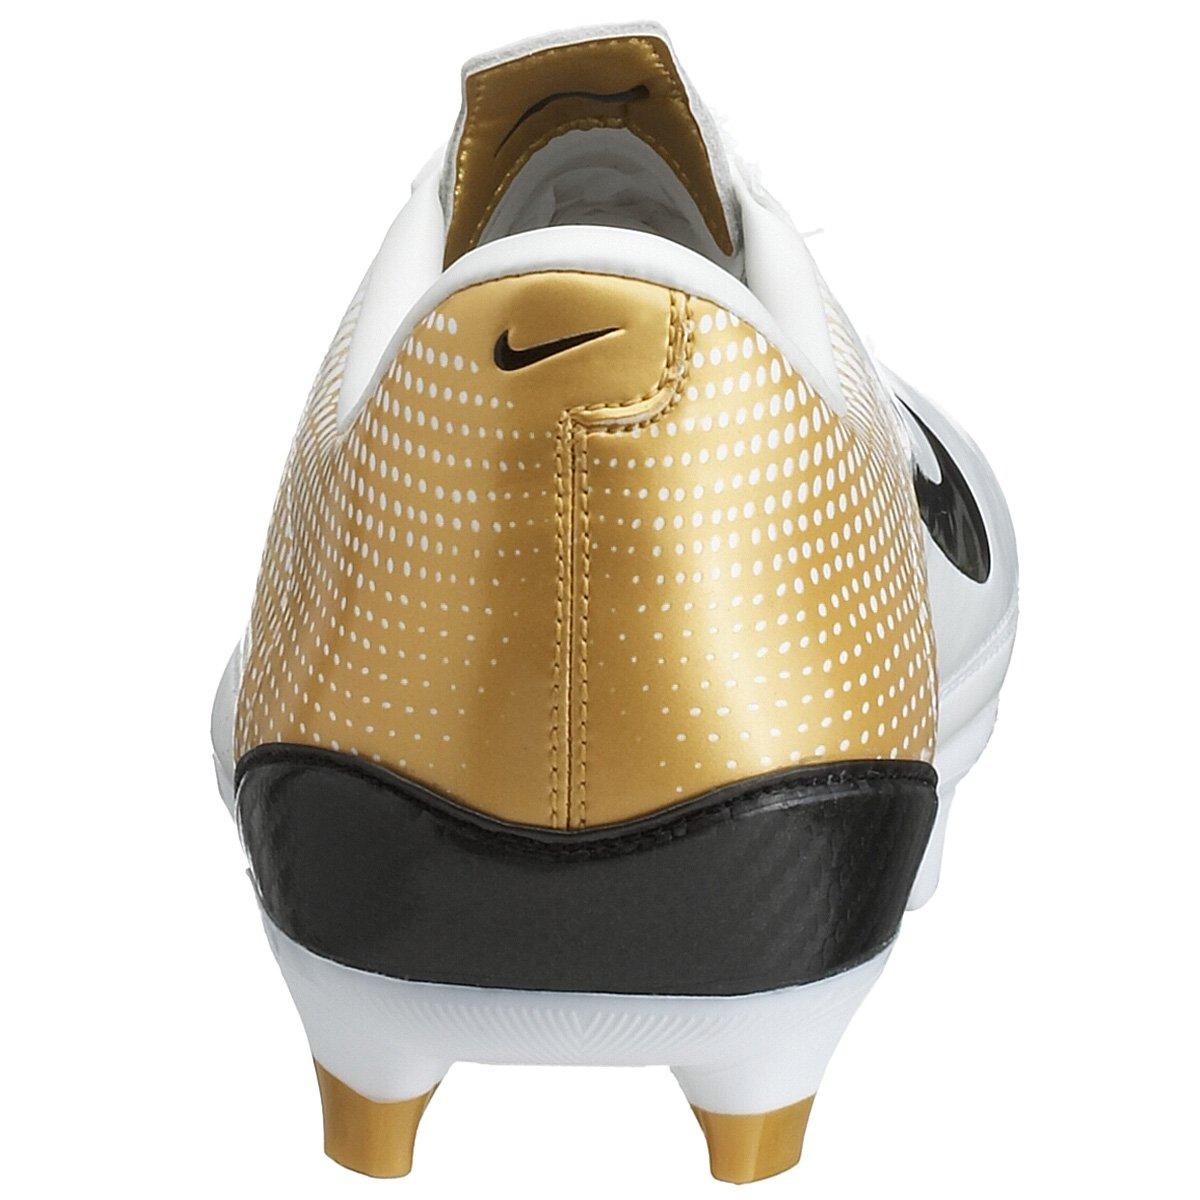 NIKE Steam FG Fussball Stollen Schuh, Größe 6.5, weiss